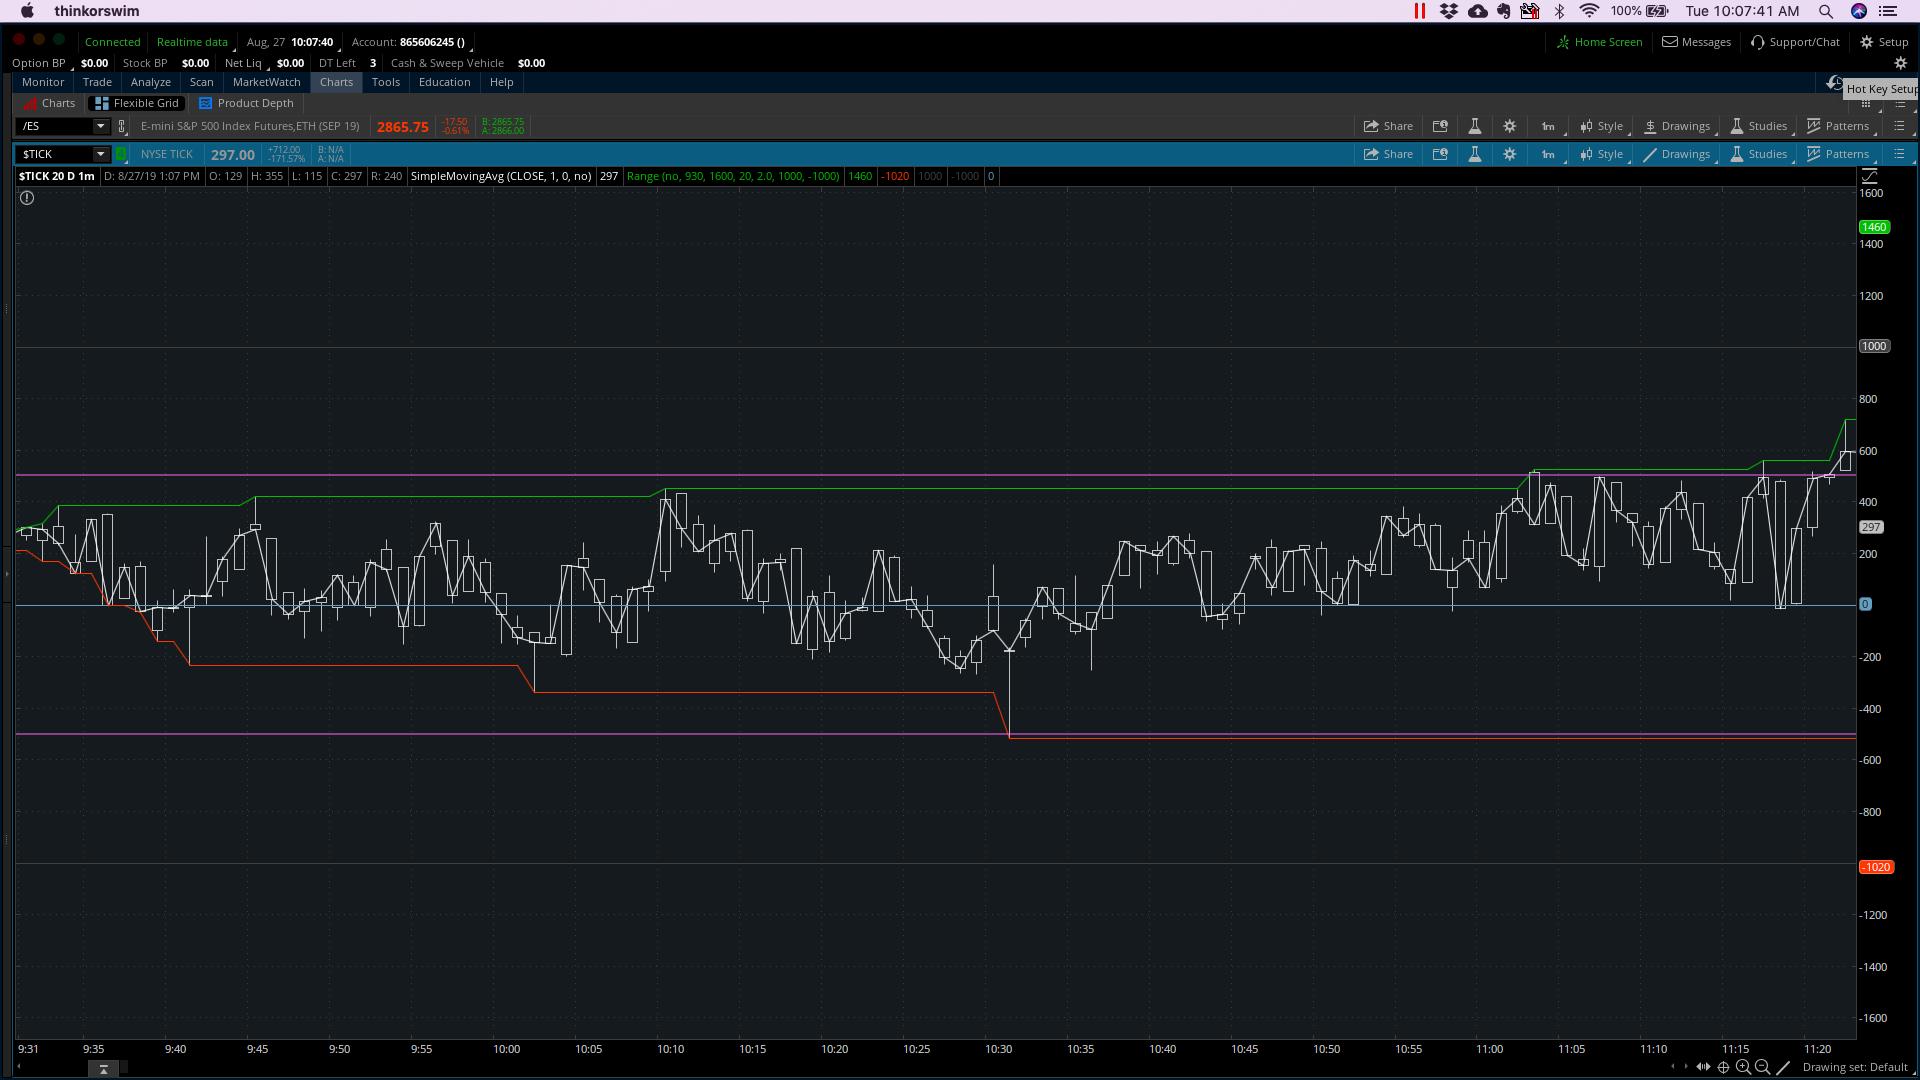 Low Volatility NYSE Tick